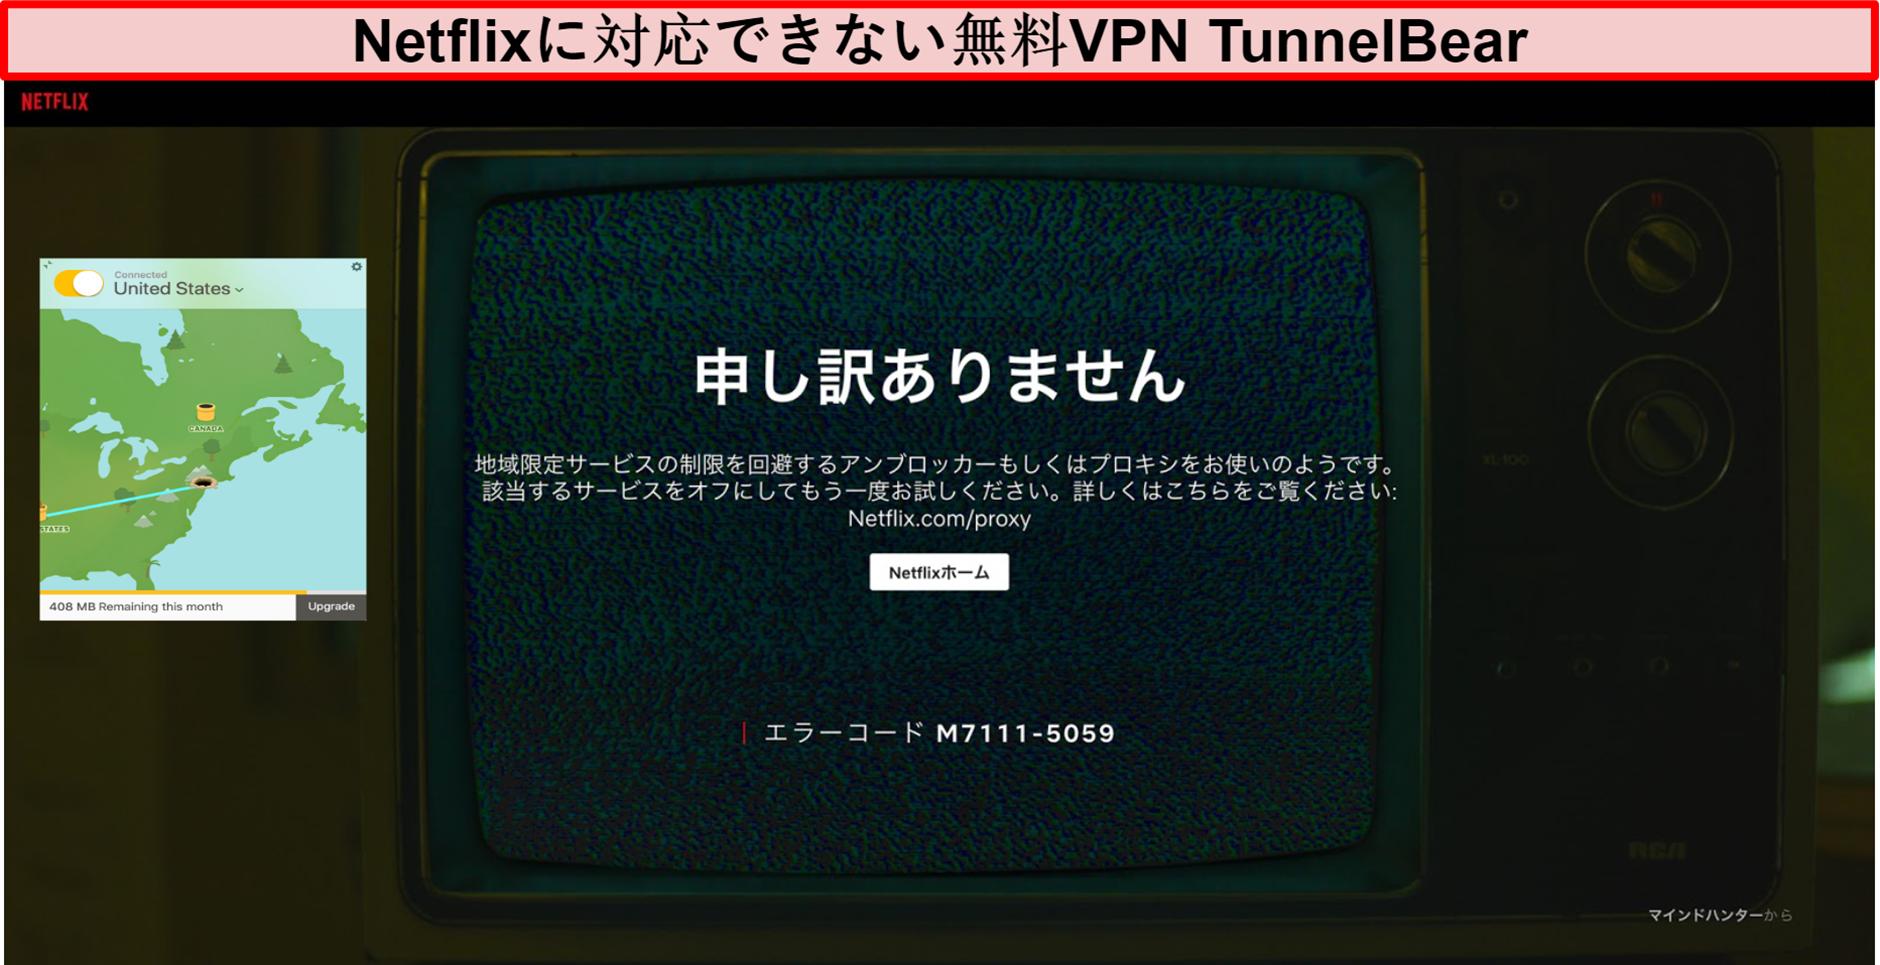 Netflixを使用して米国に接続されたTunnelBear VPNのスクリーンショット。ブロック解除またはプロキシエラーメッセージが表示されています。